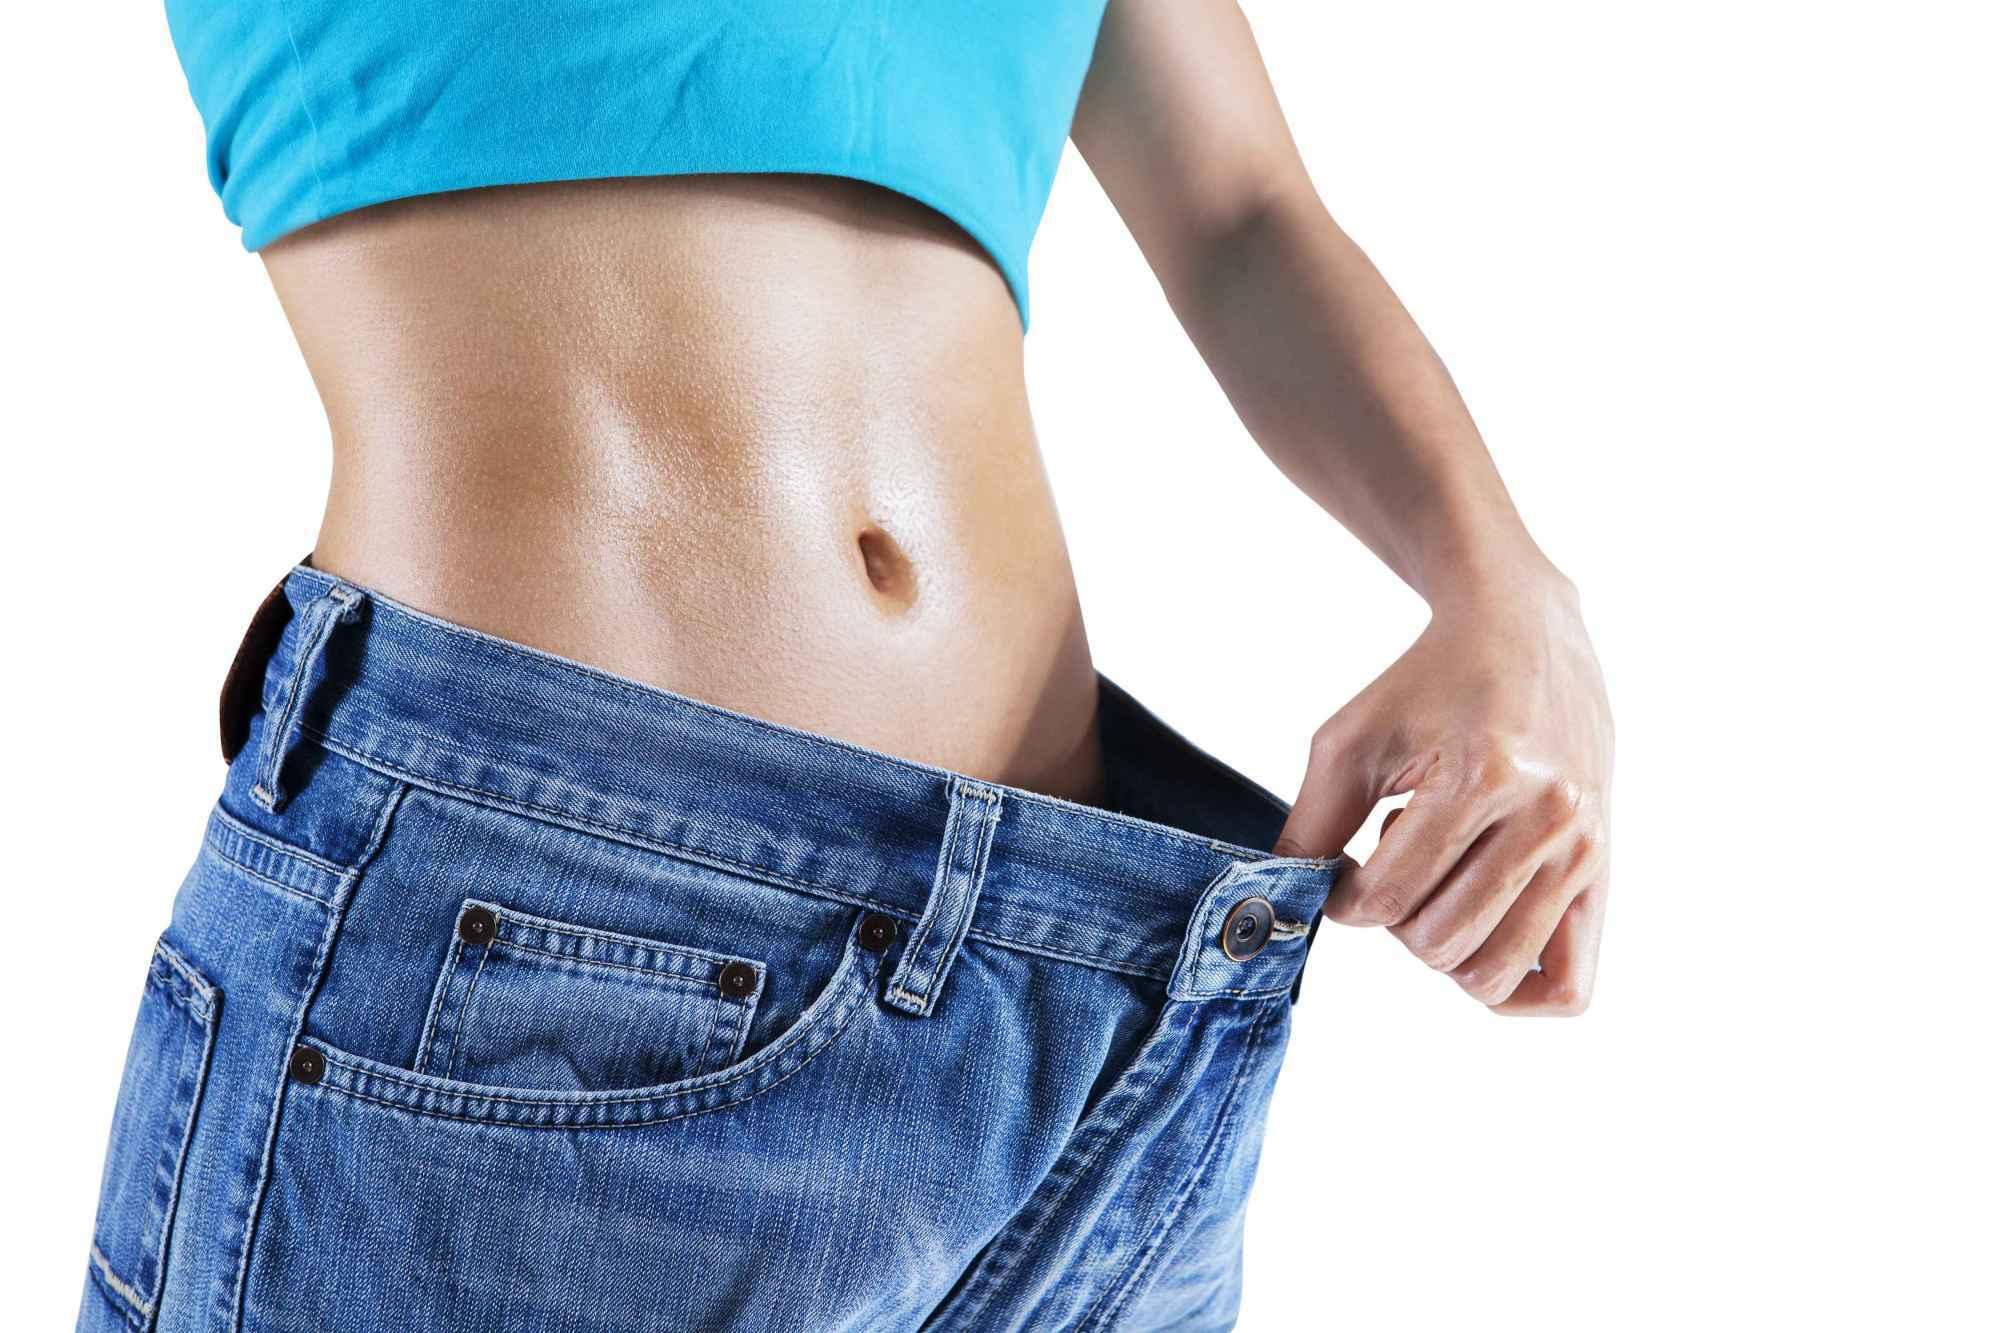 驻颜,抗衰,利尿,喝龙井茶竟有这么多好处?不妨多喝 减肥误区 第4张